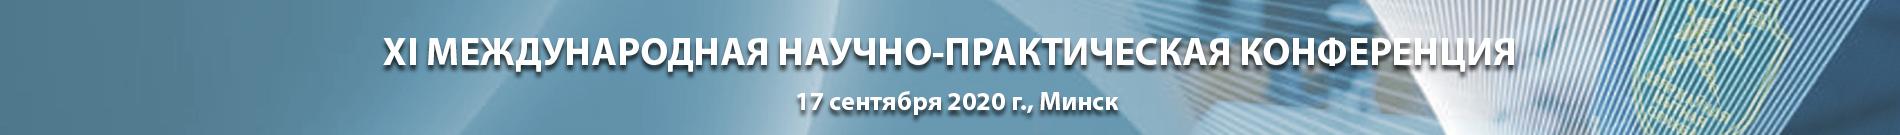 XI Международная научно-практическая конференция